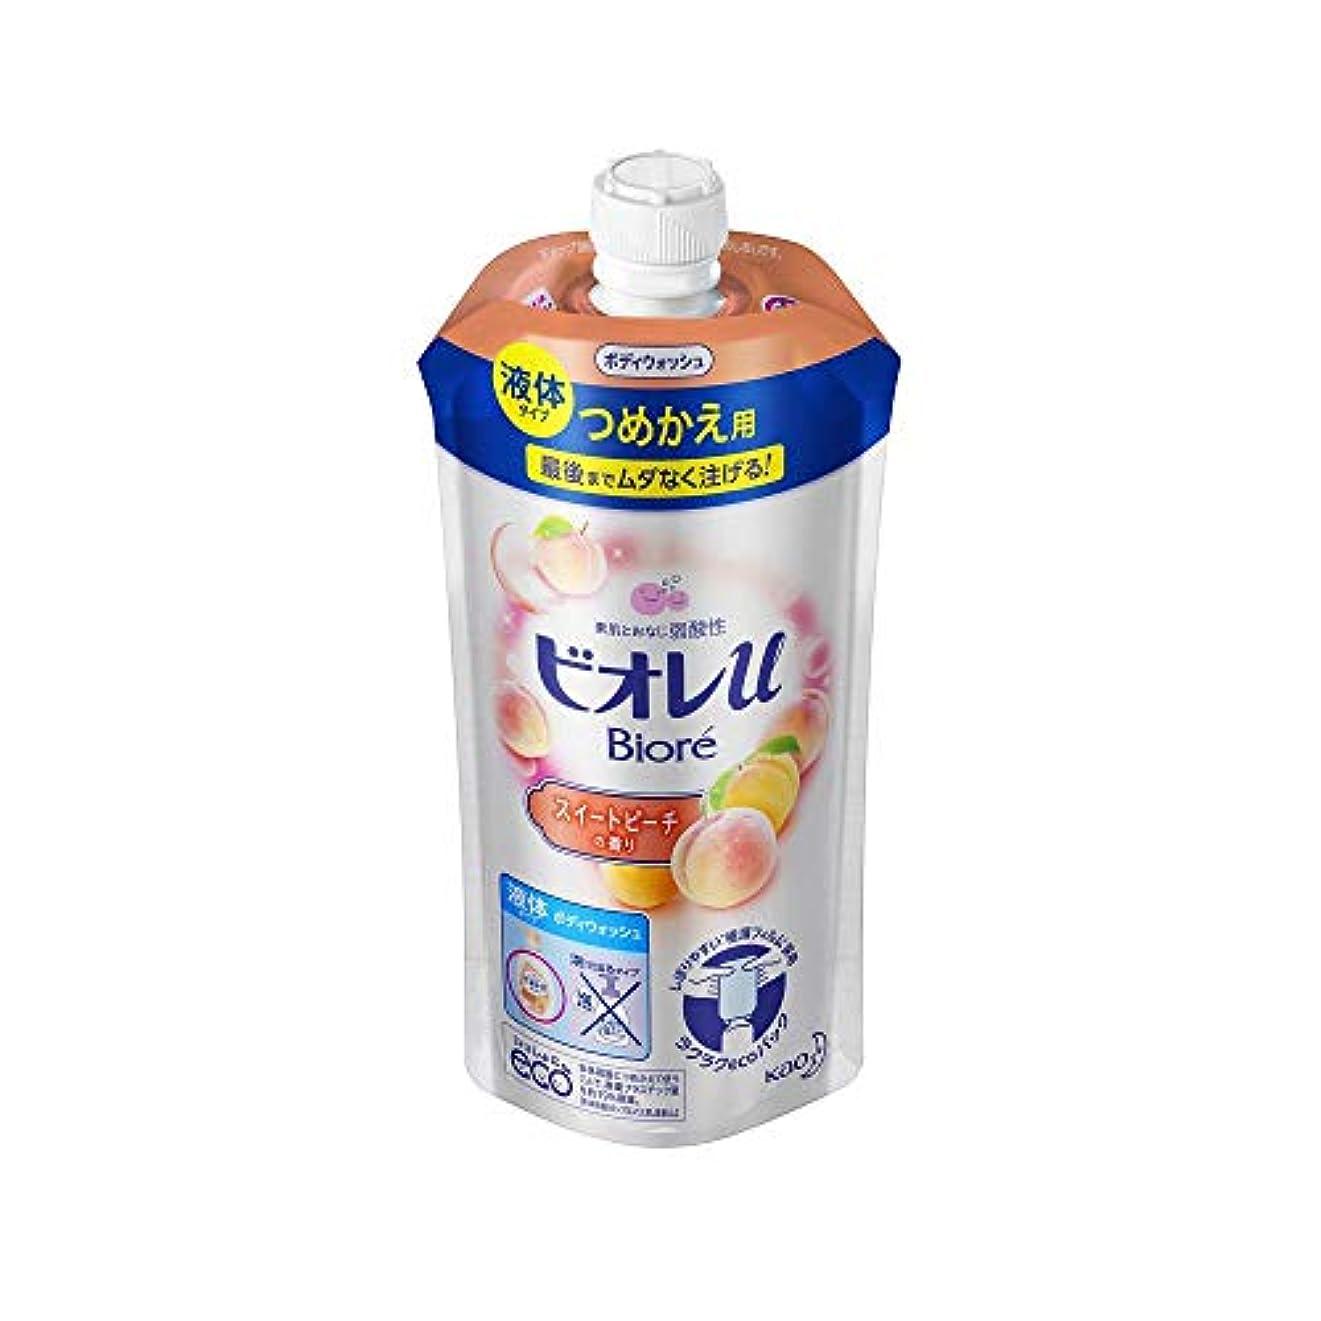 拮抗気を散らす別々に花王 ビオレu スイートピーチの香りつめかえ用 340ML